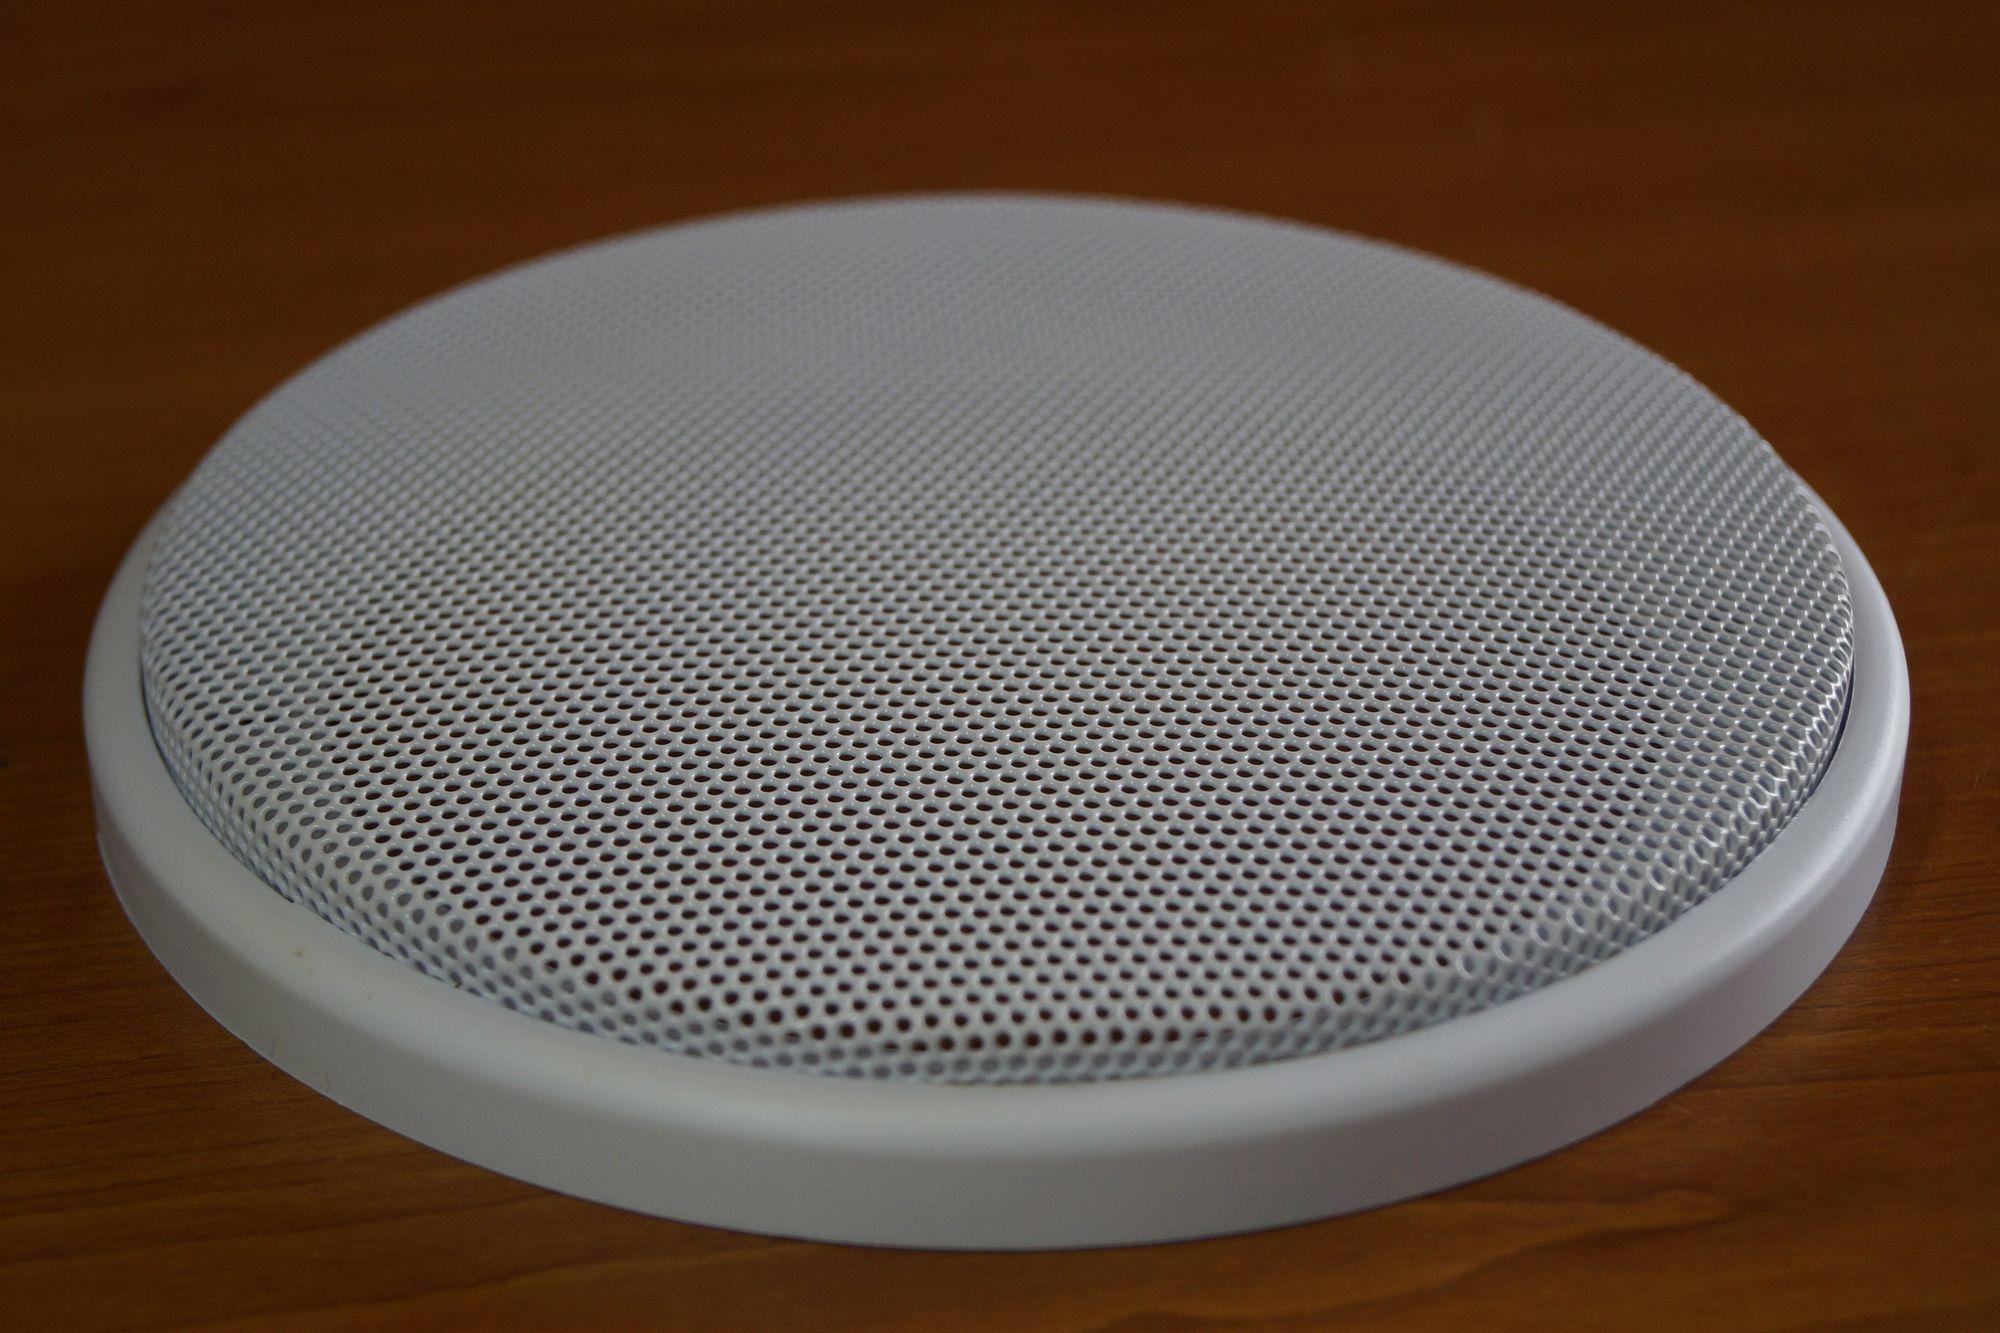 1 Paar DIN-130 Lautsprecher-Universalabdeckung Abdeckung Grill weiß – Bild 3